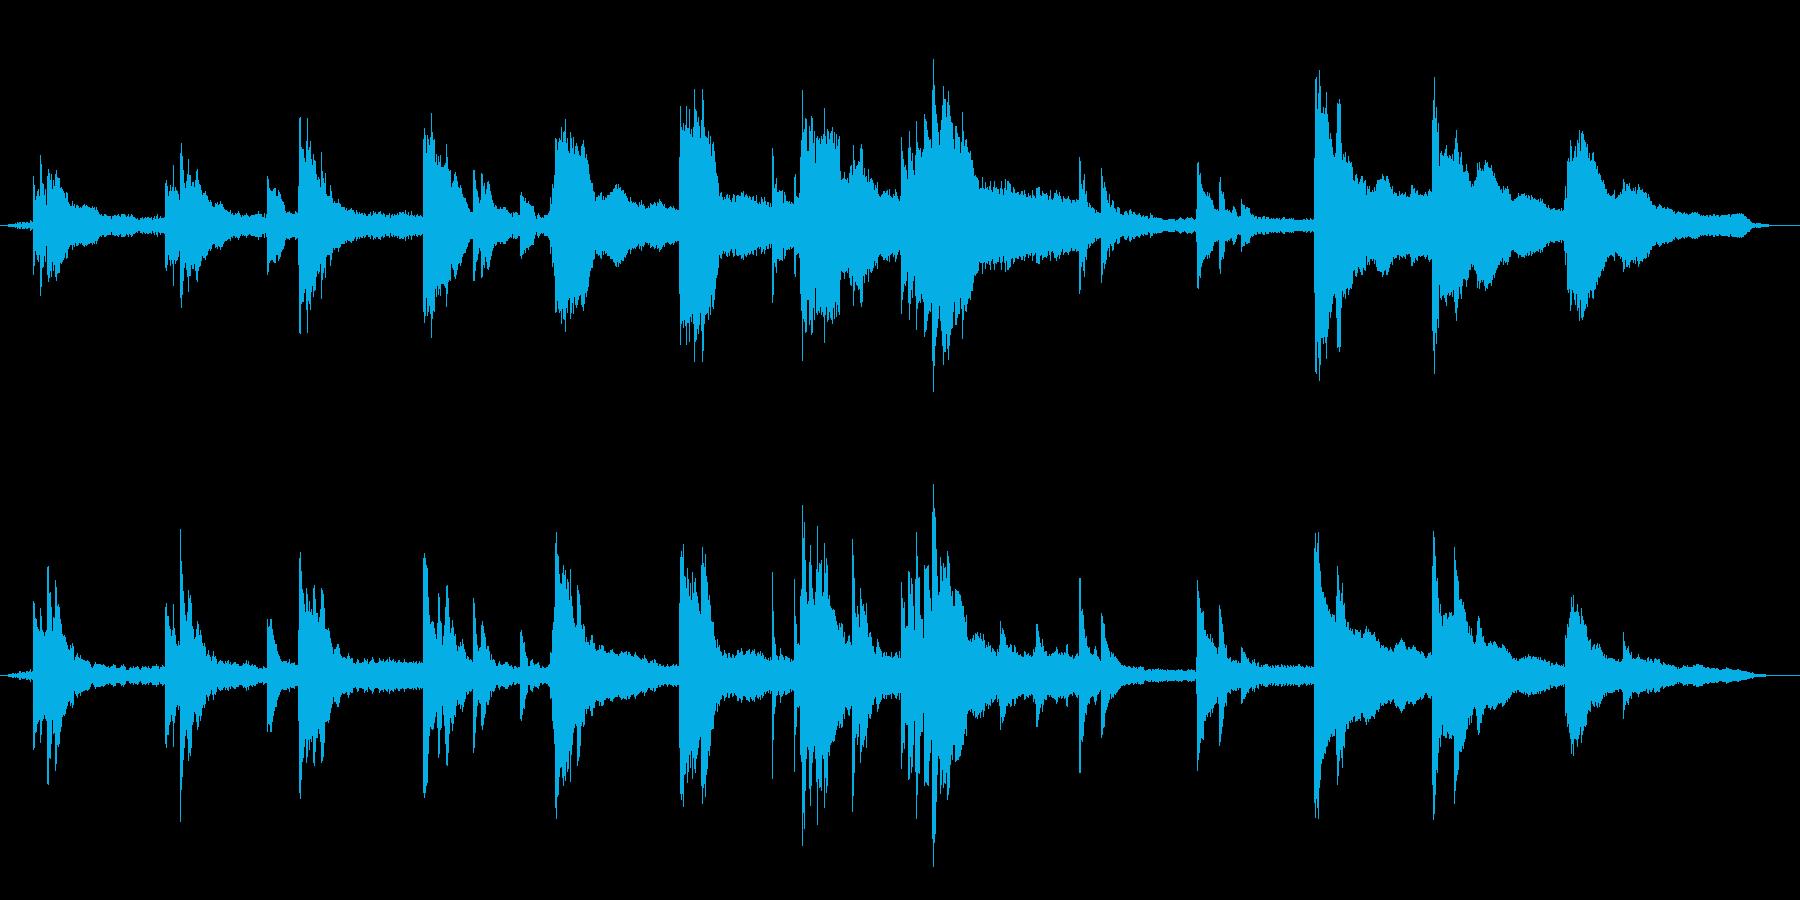 深い悲しみを表現したピアノBGMの再生済みの波形